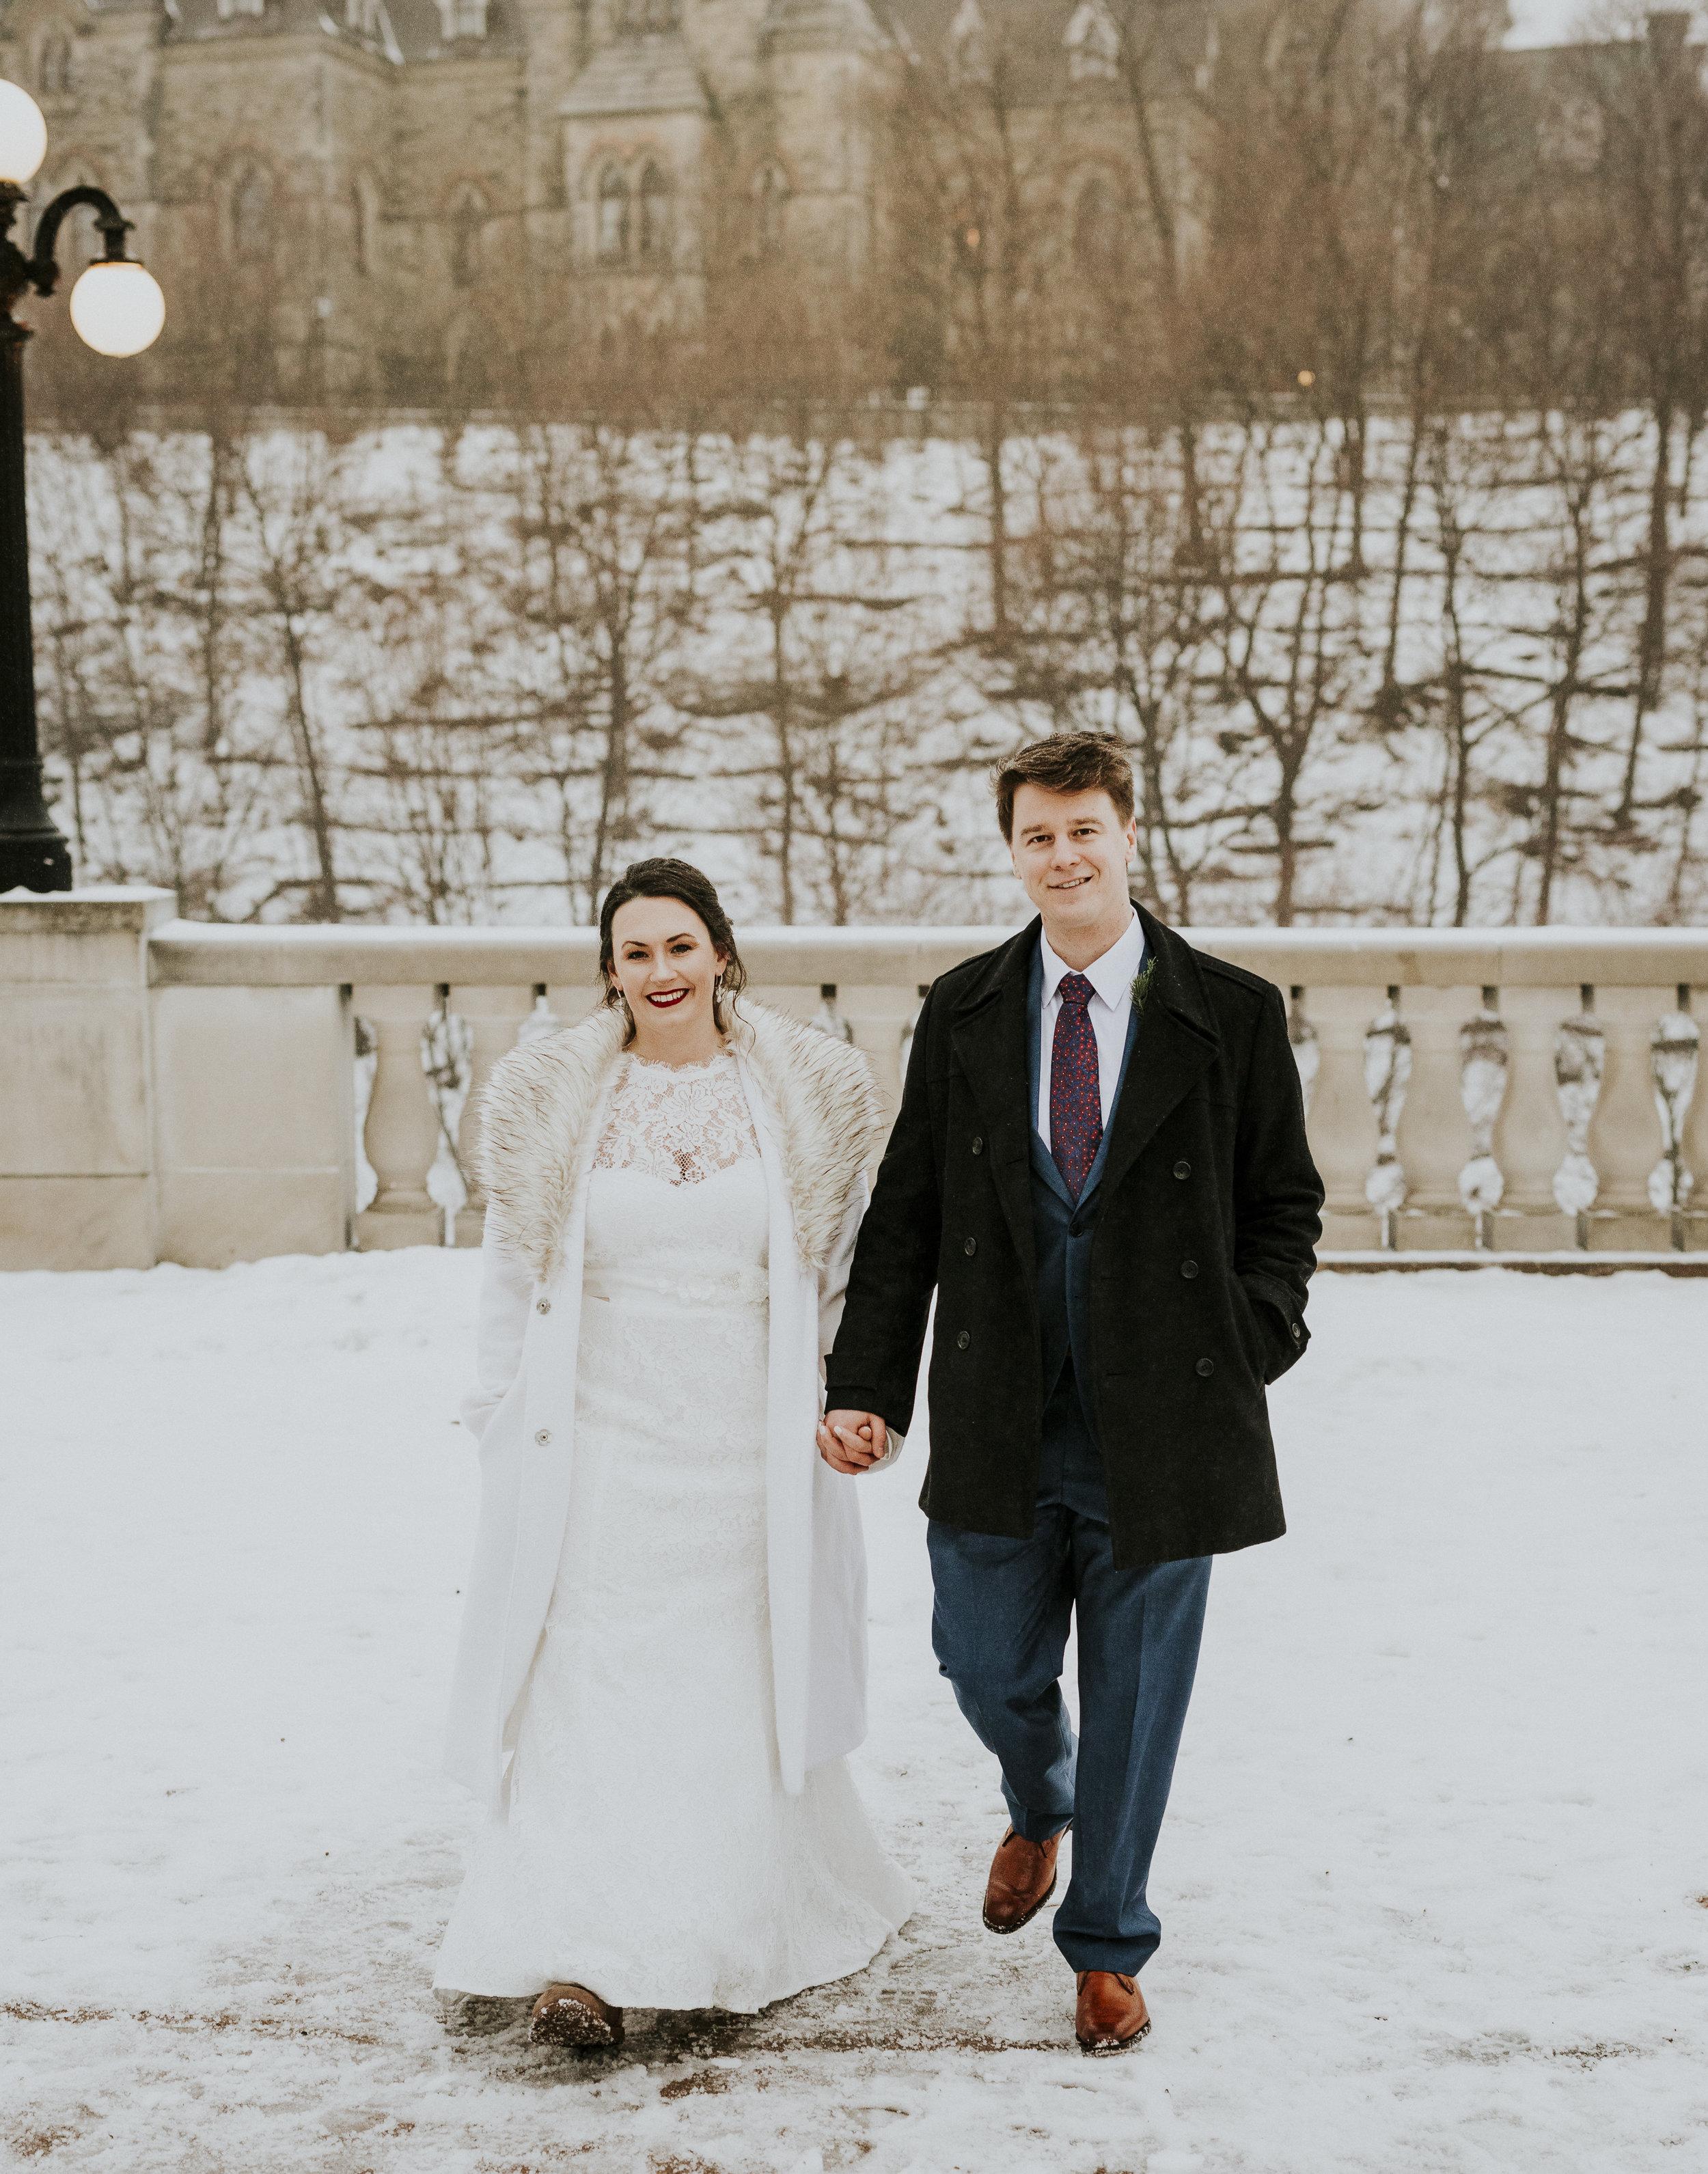 001_Bride + Groom Portraits-038.jpg